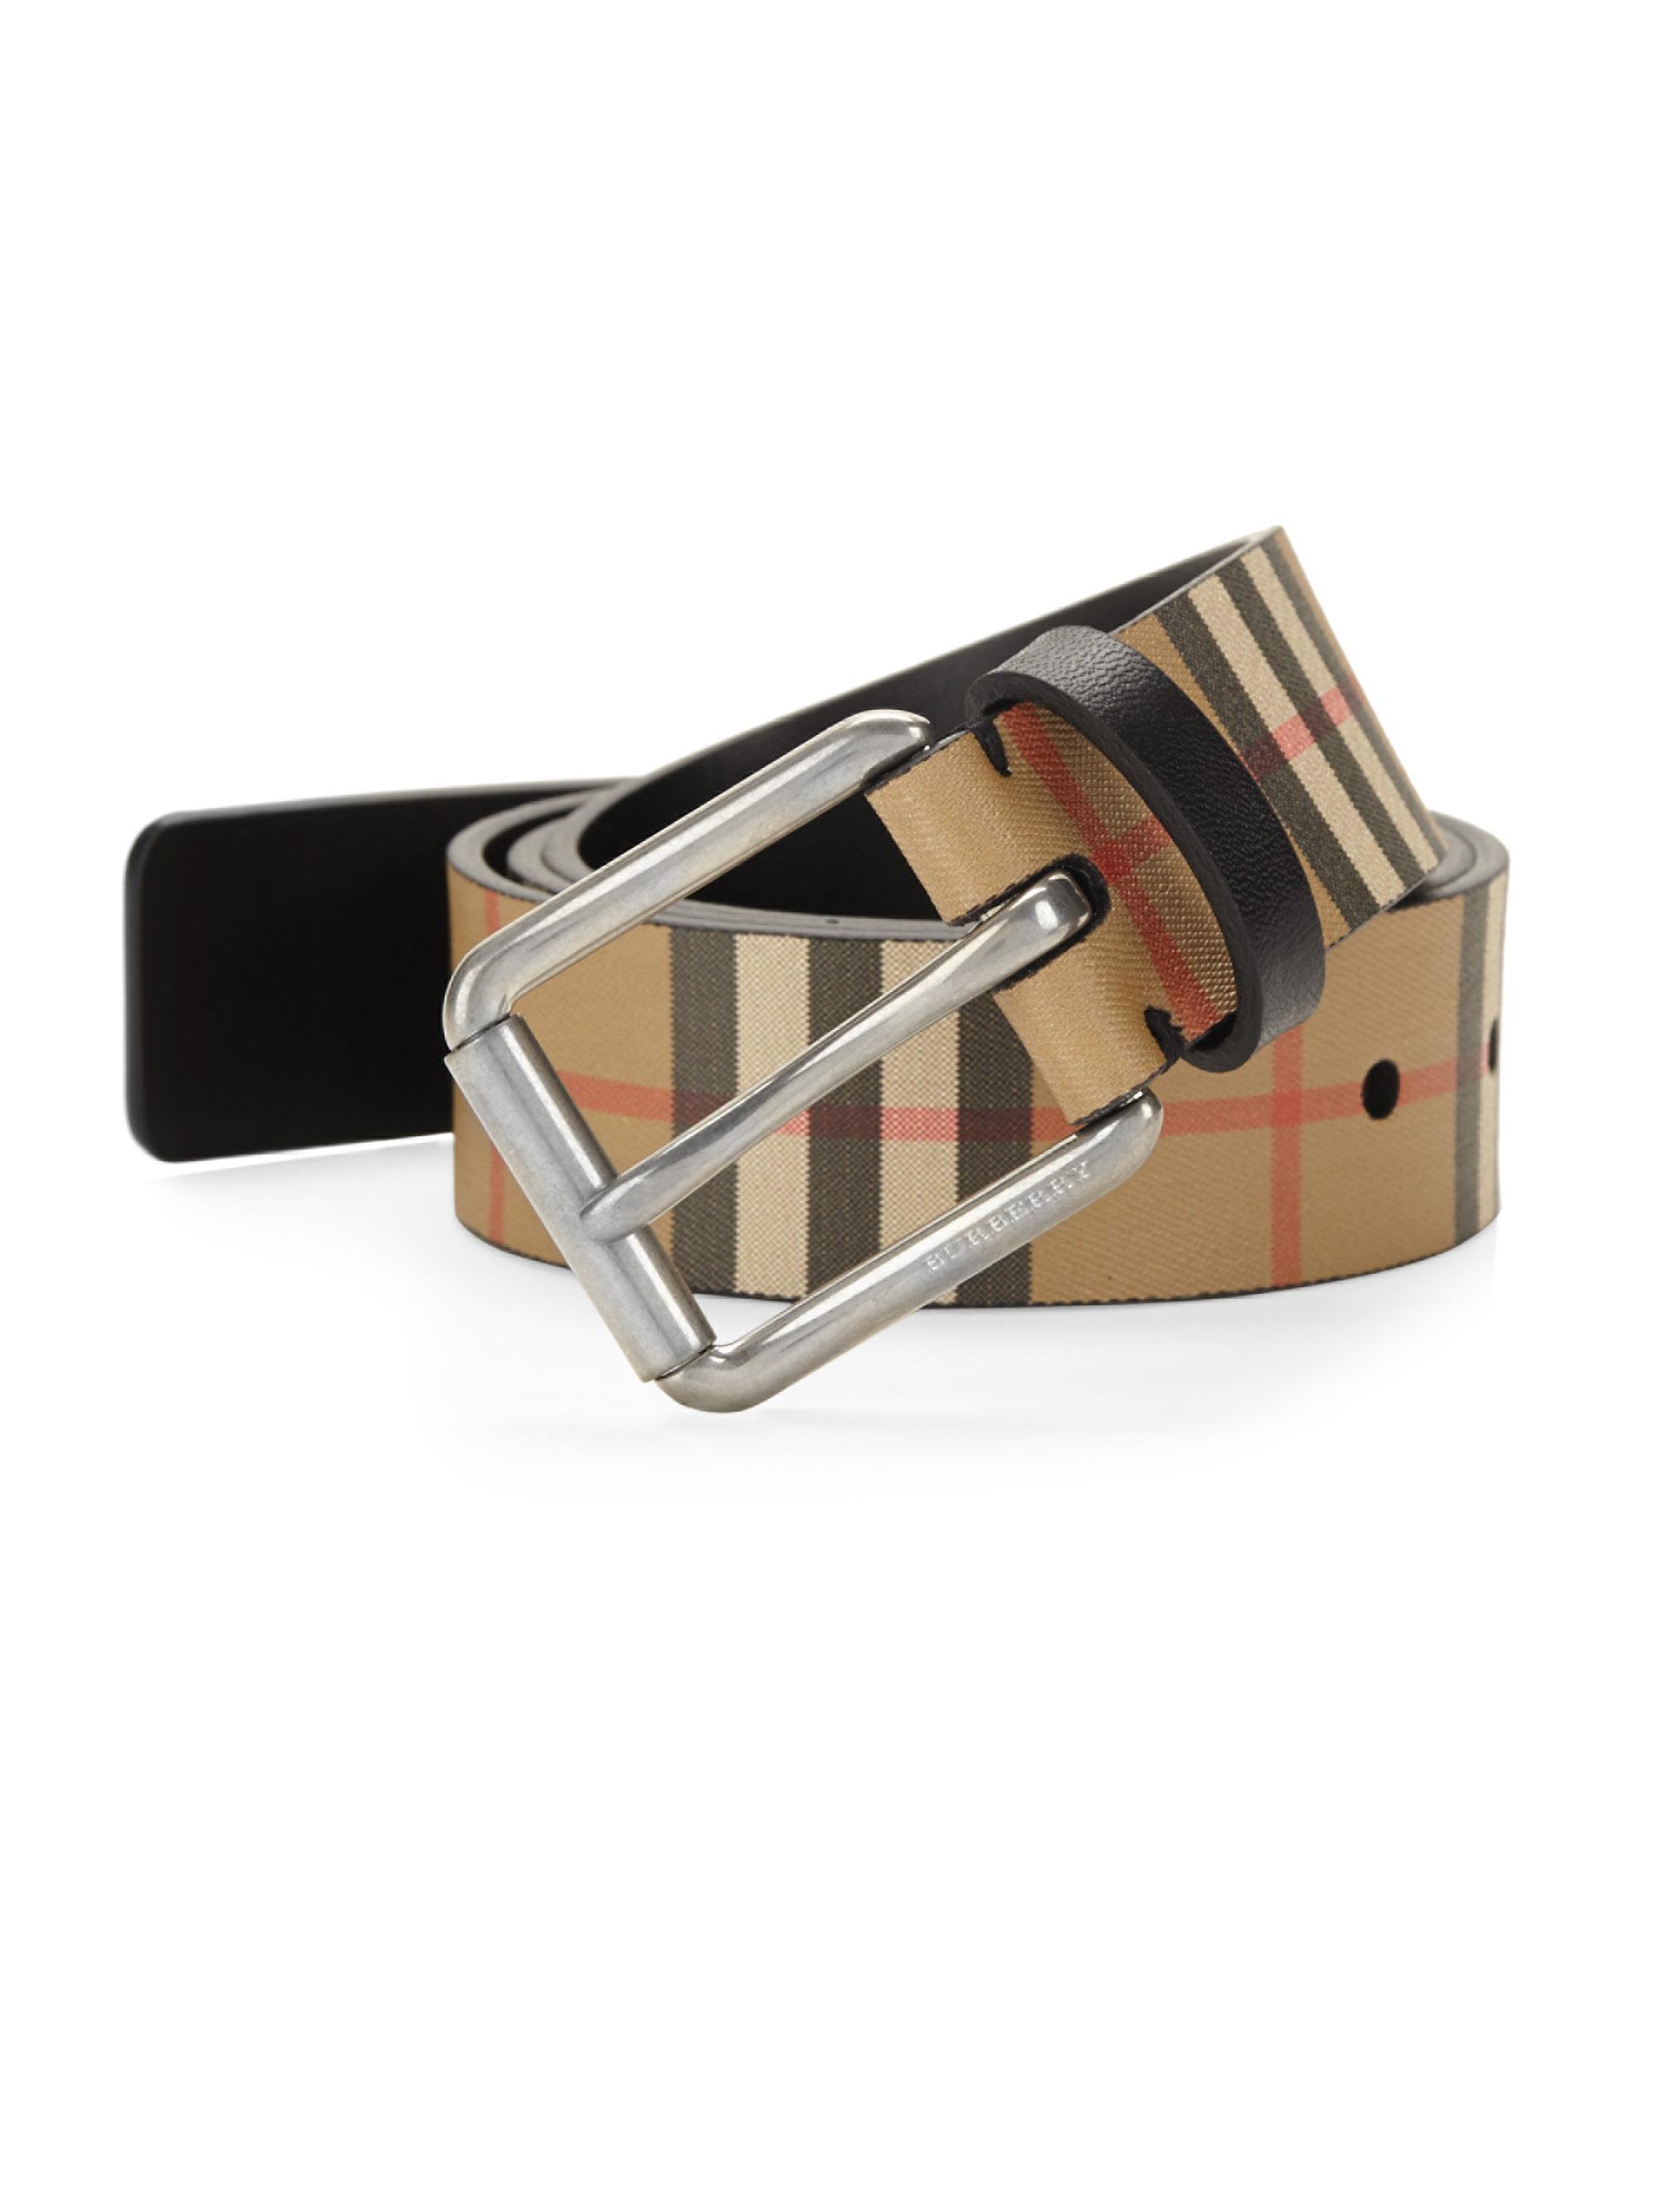 4e0f29f98 Burberry Mark 35 Slim Belt in Black for Men - Lyst